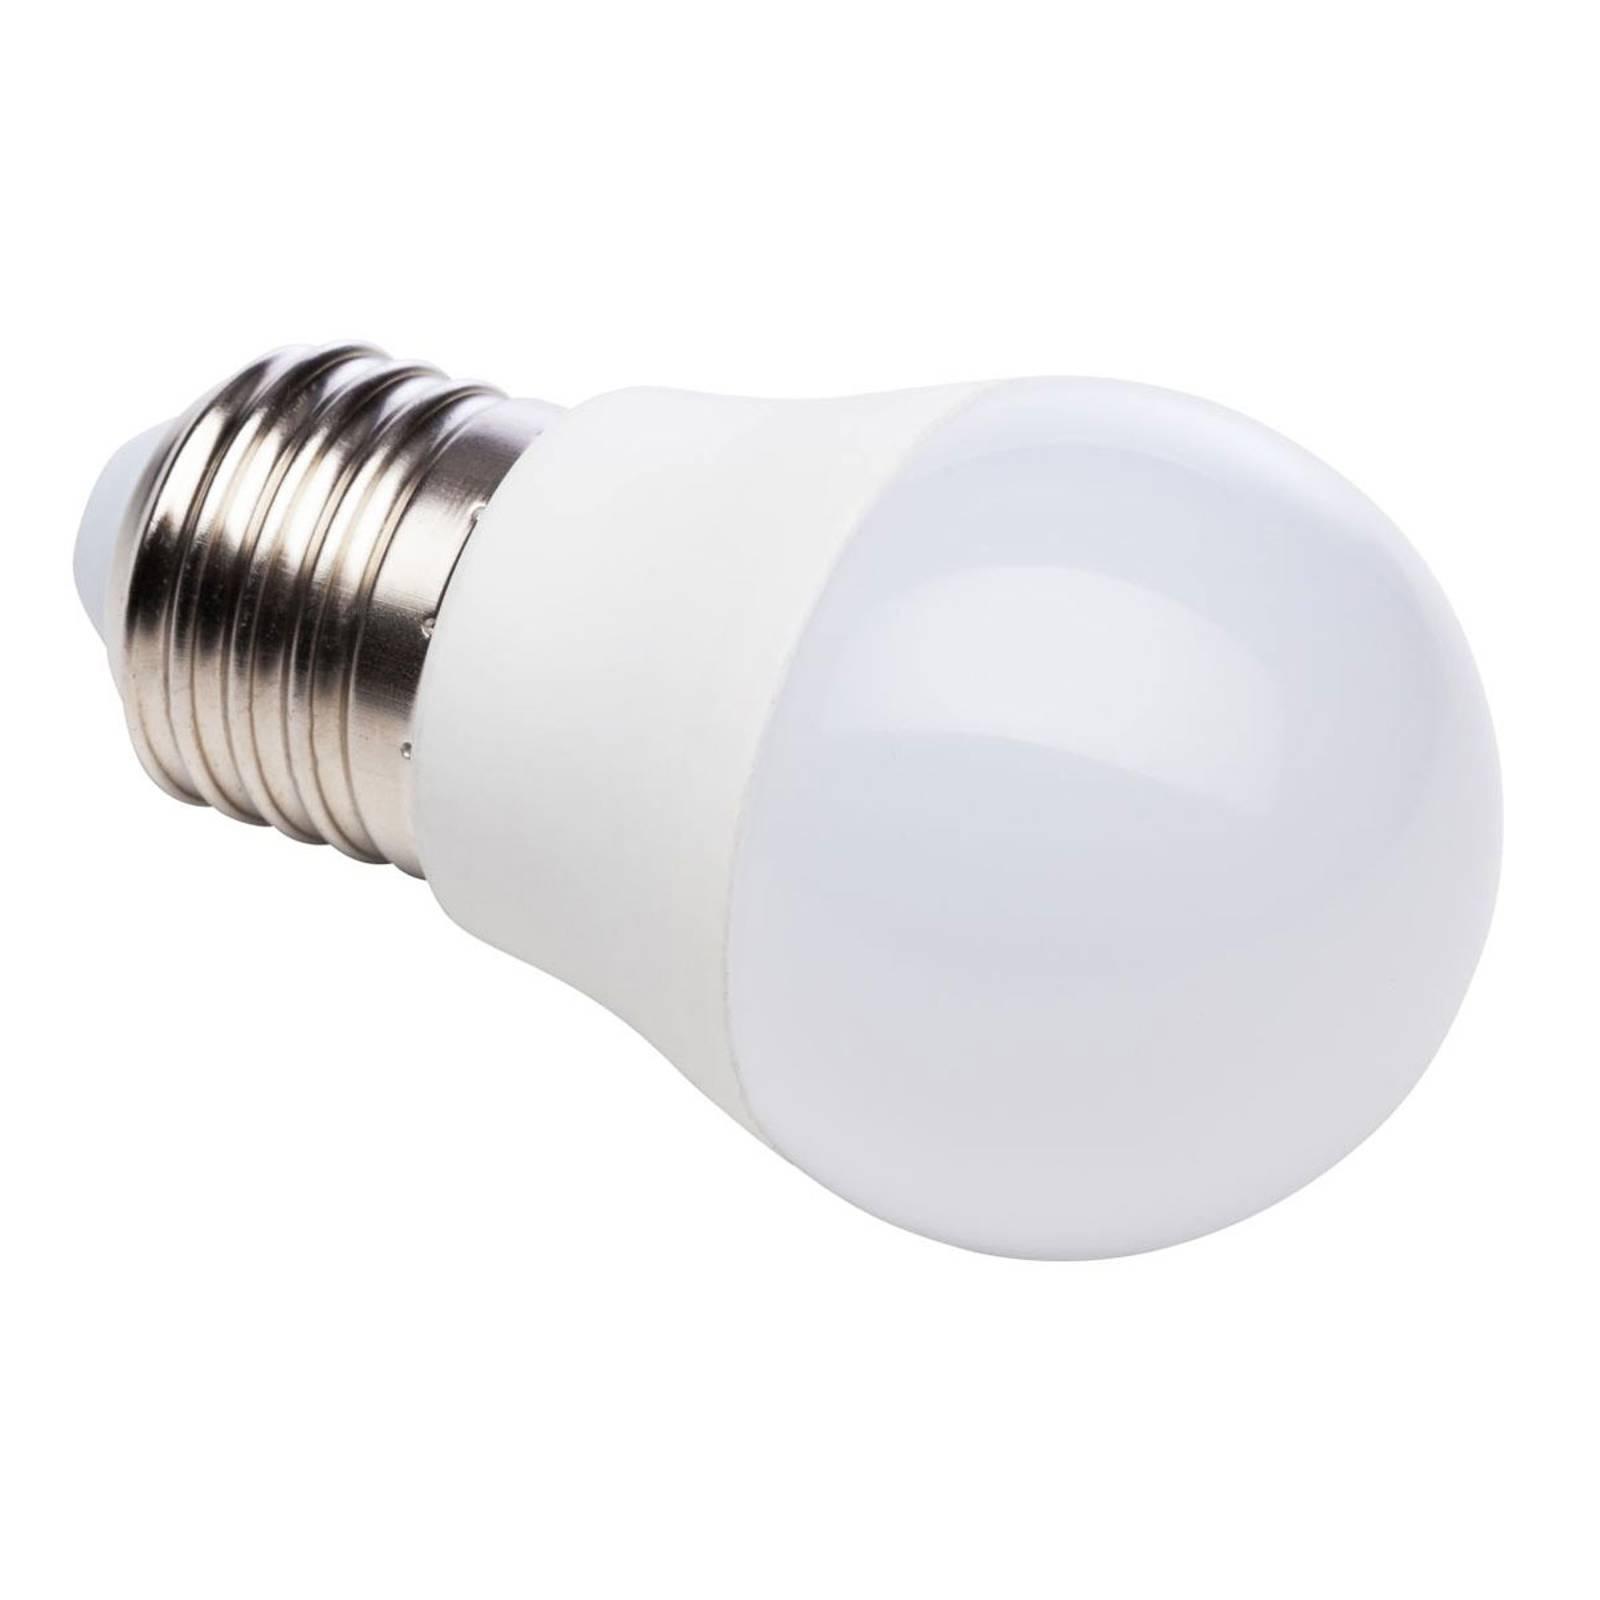 LED-Mini-globe-lamppu E27 5,5 W Ra 90